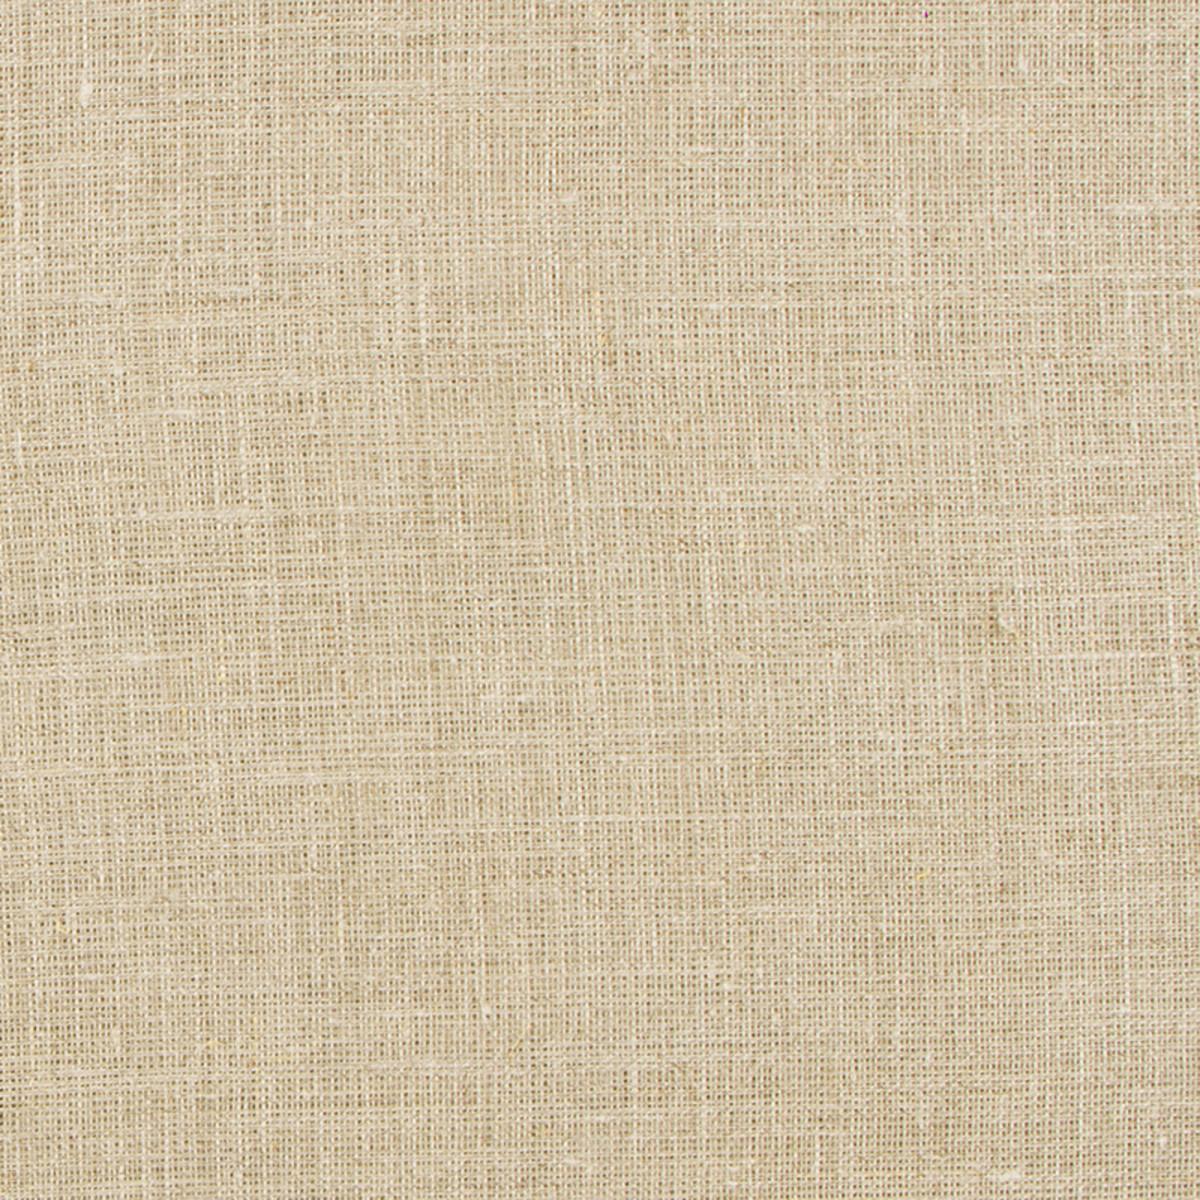 Тюль 1 п/м 145 см лен цвет натуральный